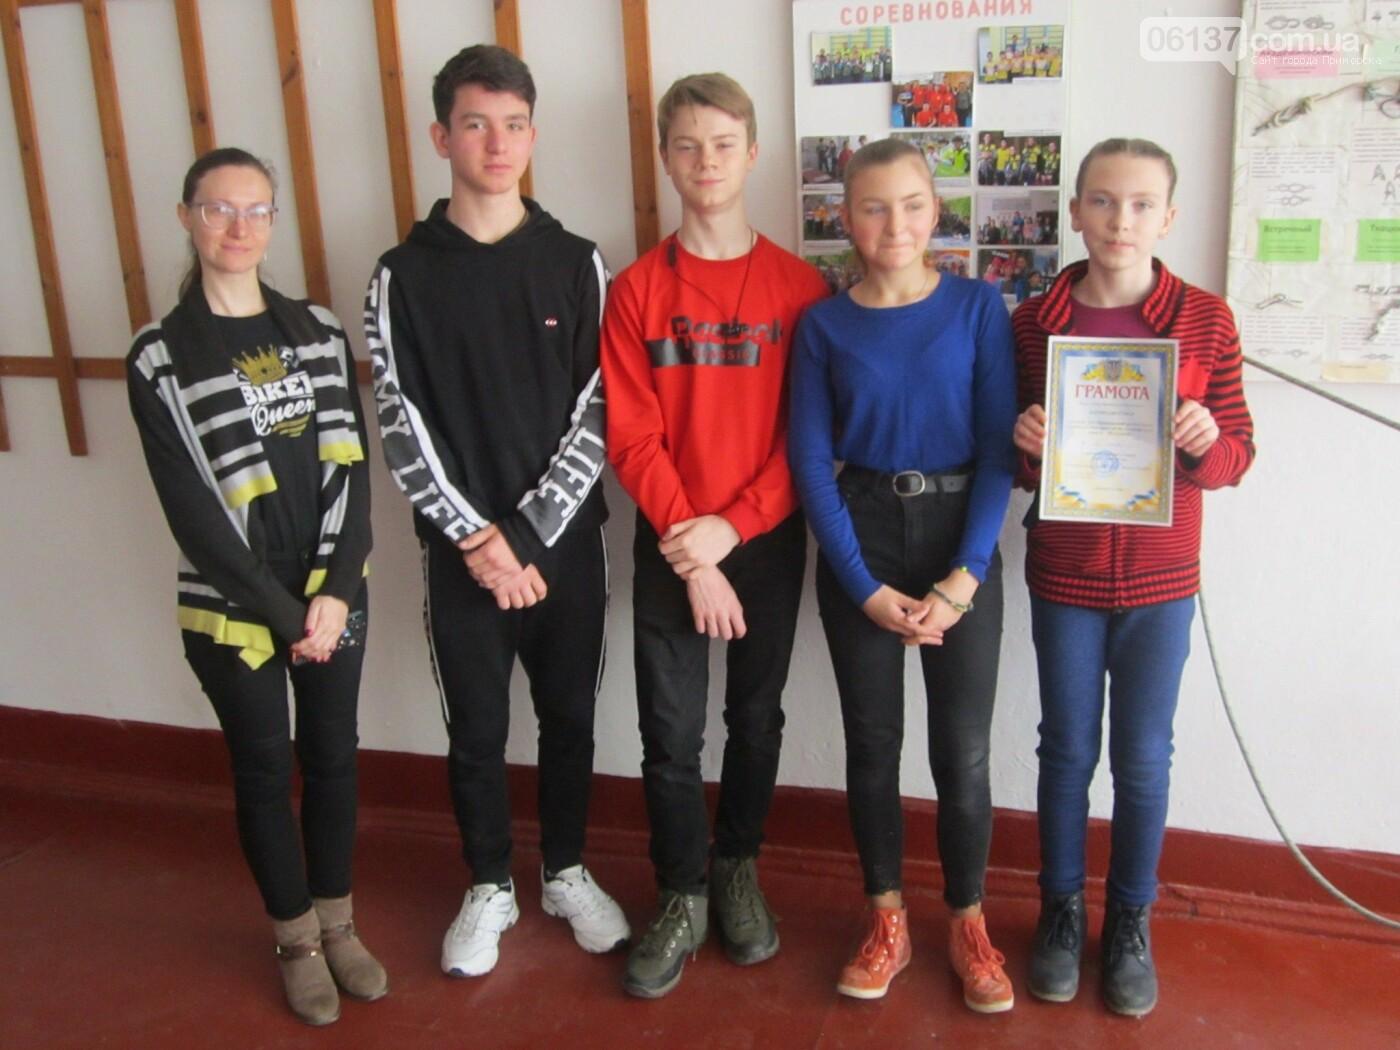 Туристи - оптимісти провели конкурс  в'язання вузлів між школами Приморської ОТГ, фото-1